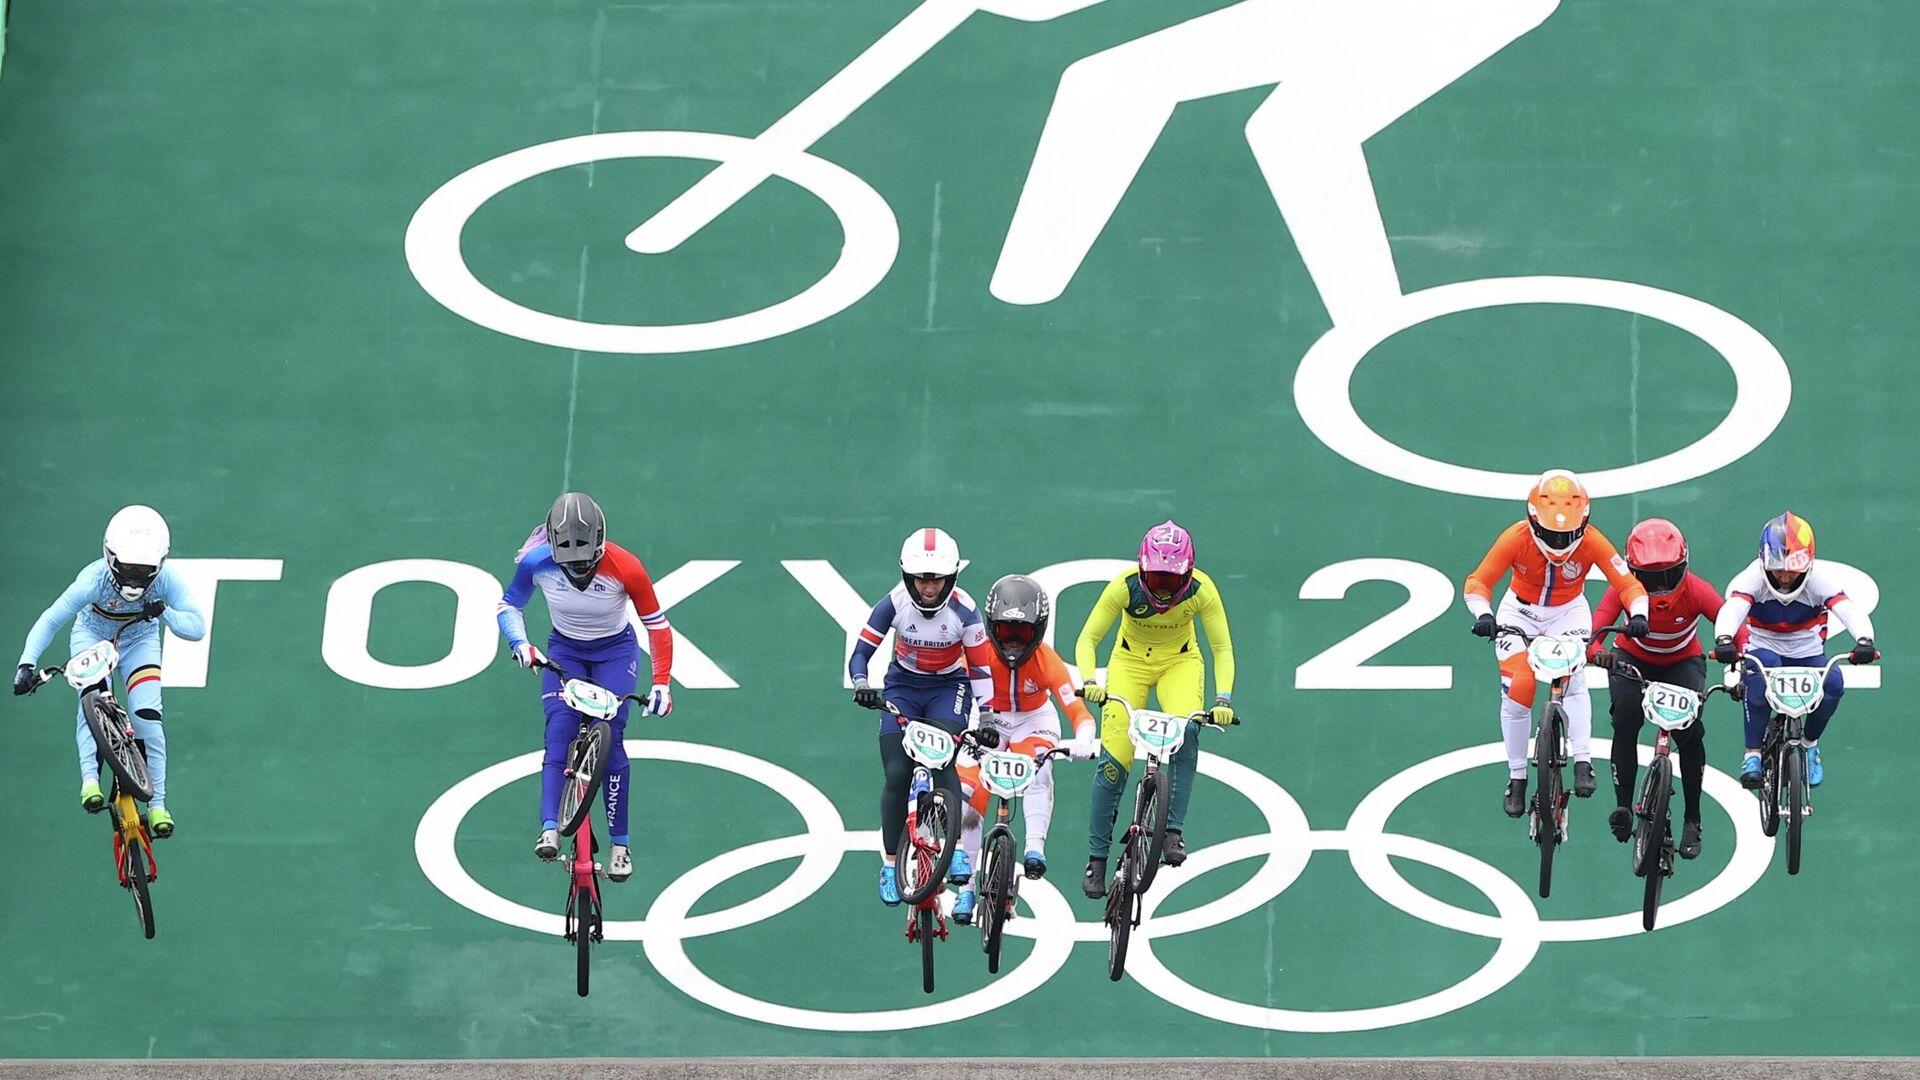 Велогонщицы во время гонки BMX-рейс на Олимпийских играх в Токио - РИА Новости, 1920, 30.07.2021